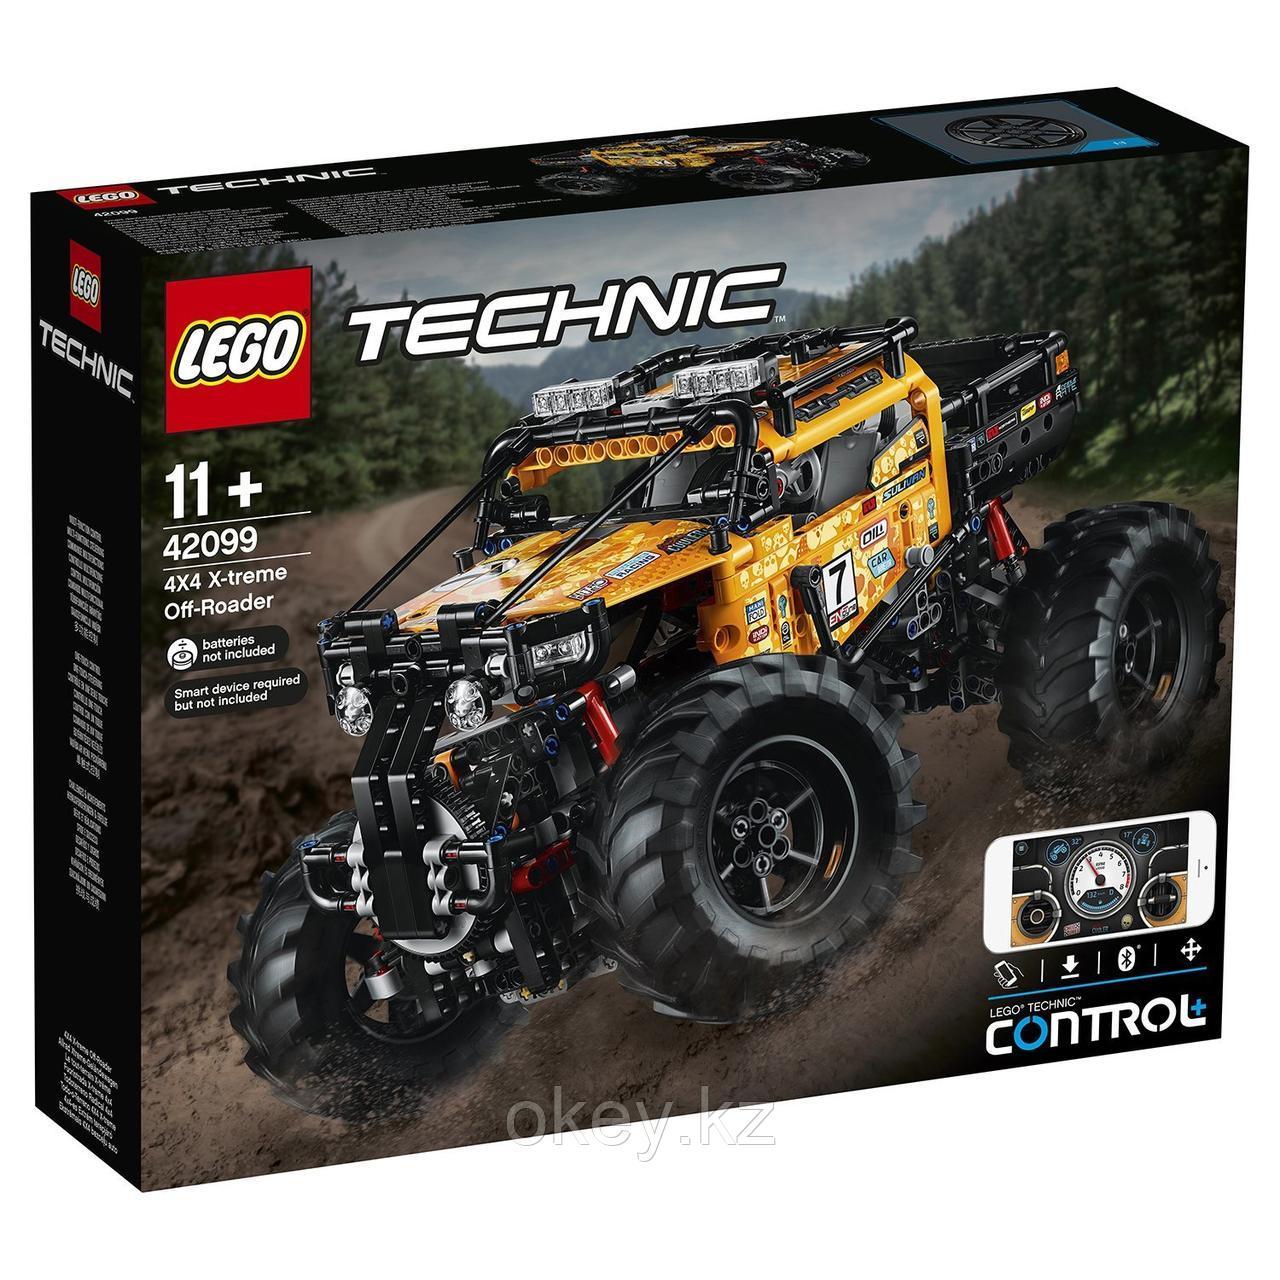 LEGO Technic: Экстремальный внедорожник 42099